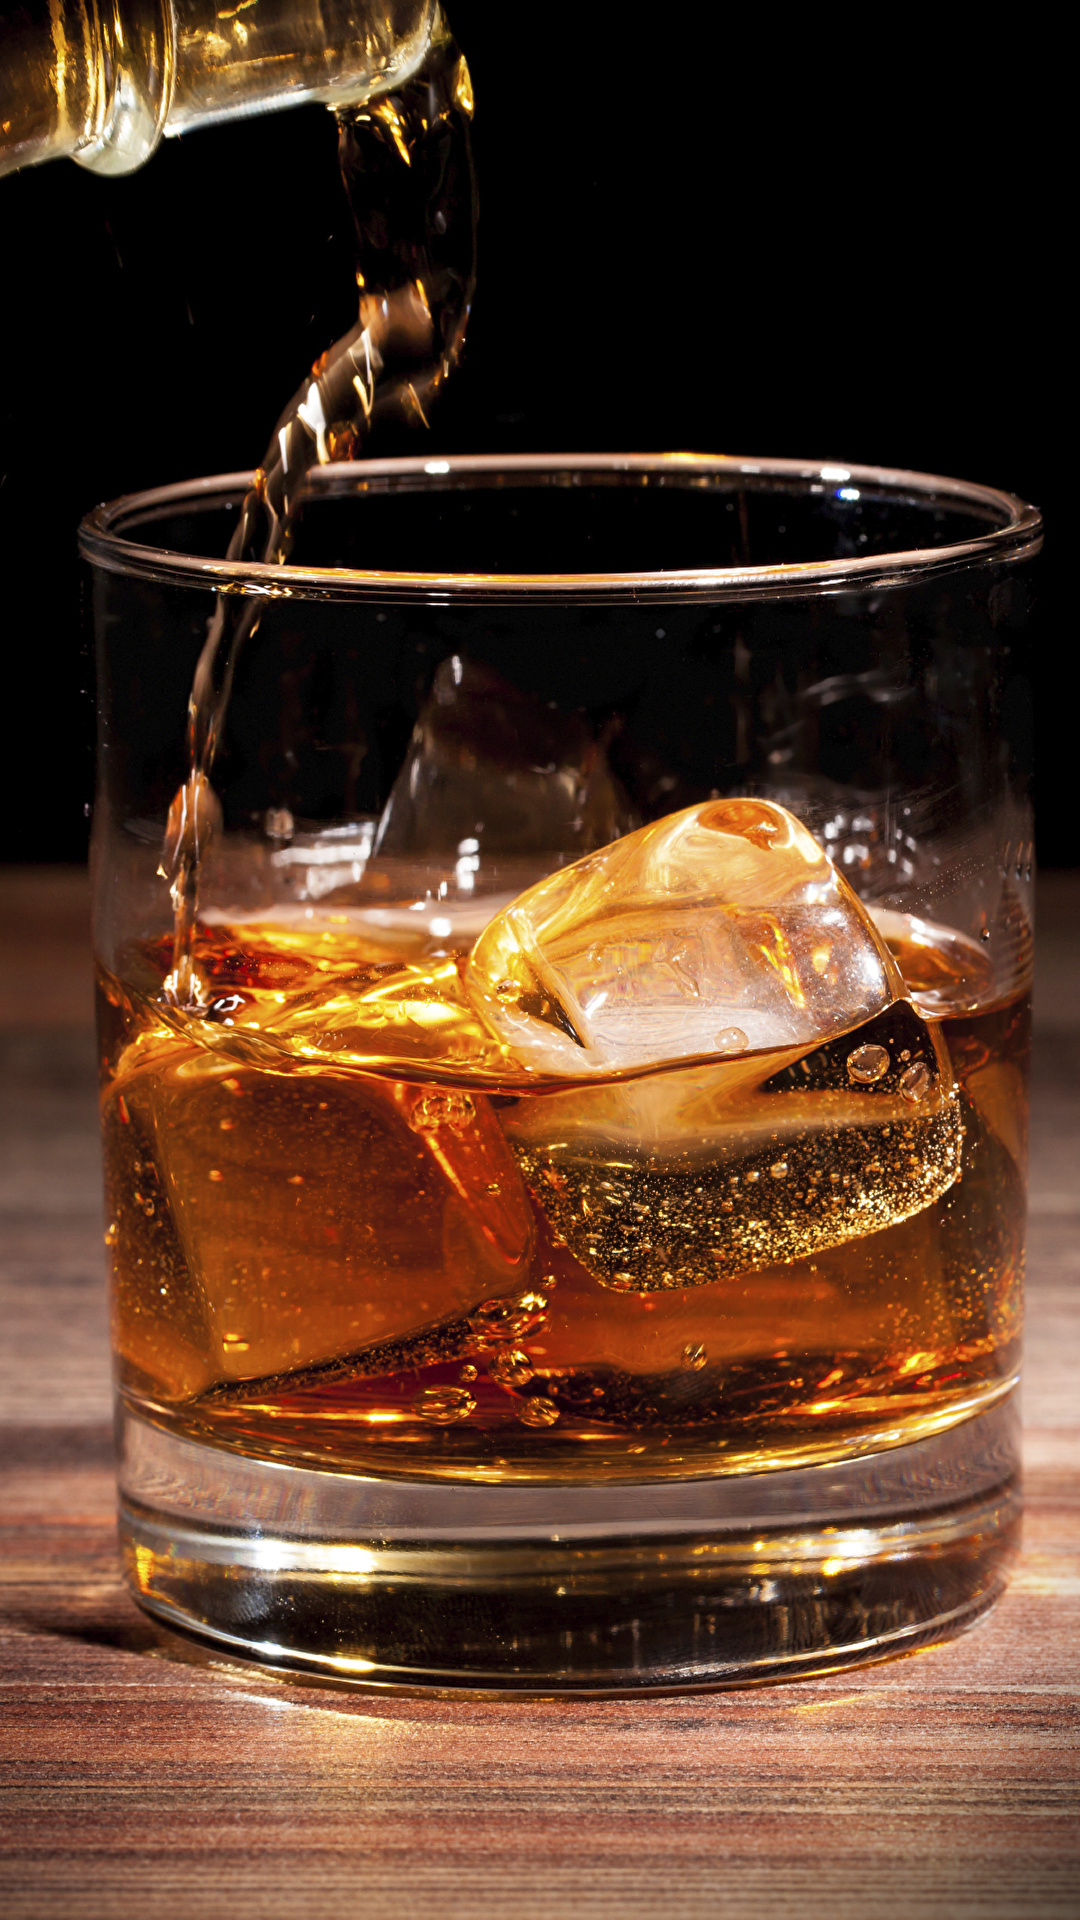 Картинки льда Виски стакана Пища вблизи 1080x1920 Лед Стакан стакане Еда Продукты питания Крупным планом